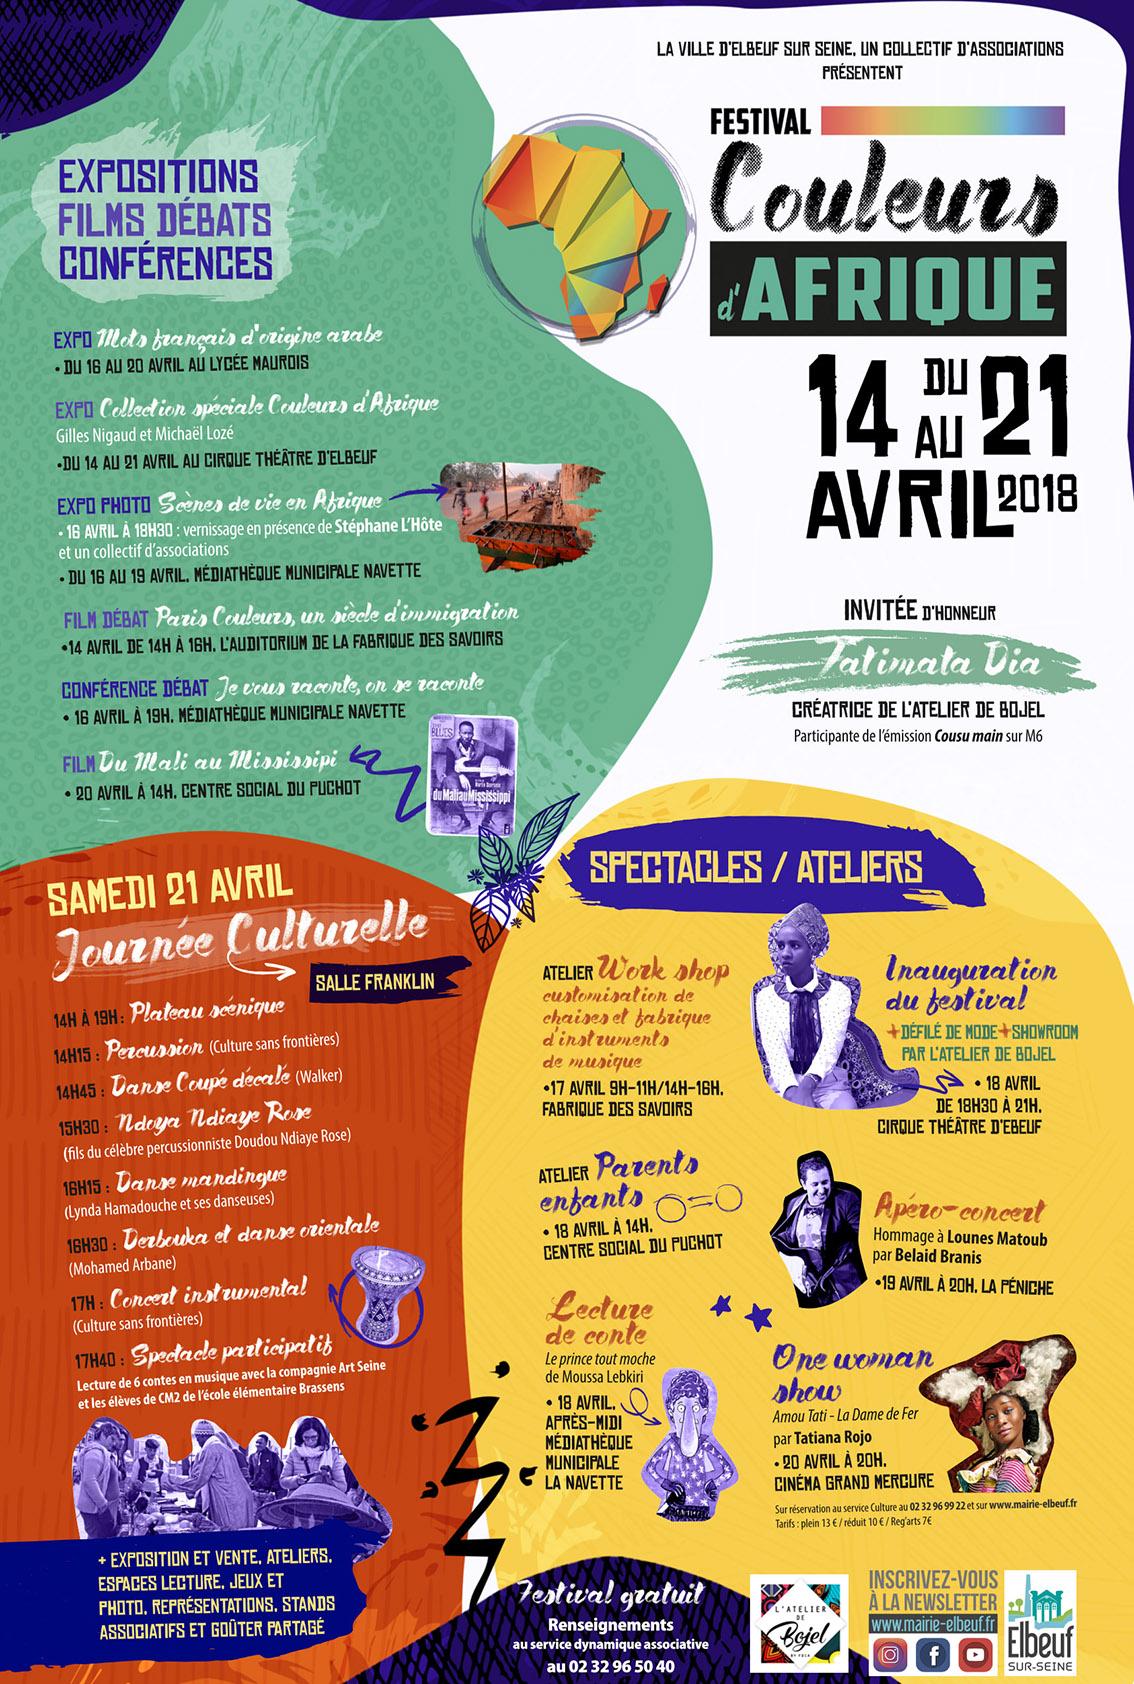 Festival Couleur d'Afrique 2018